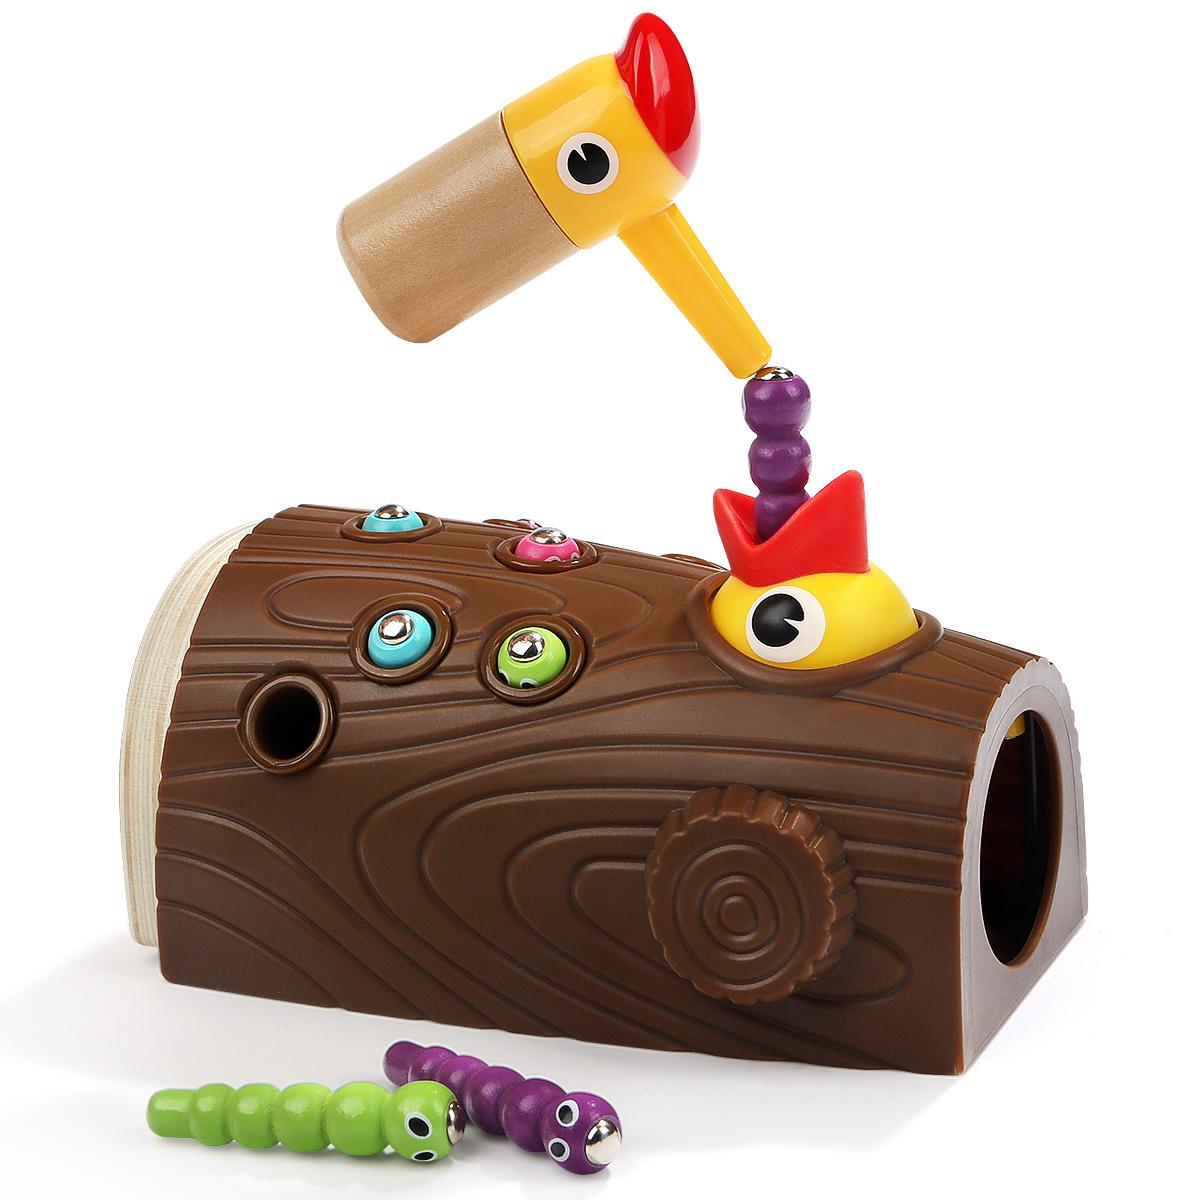 宝宝钓鱼玩具啄木鸟捉虫玩具1-2-3岁男孩女孩婴儿童益智抓吃虫子